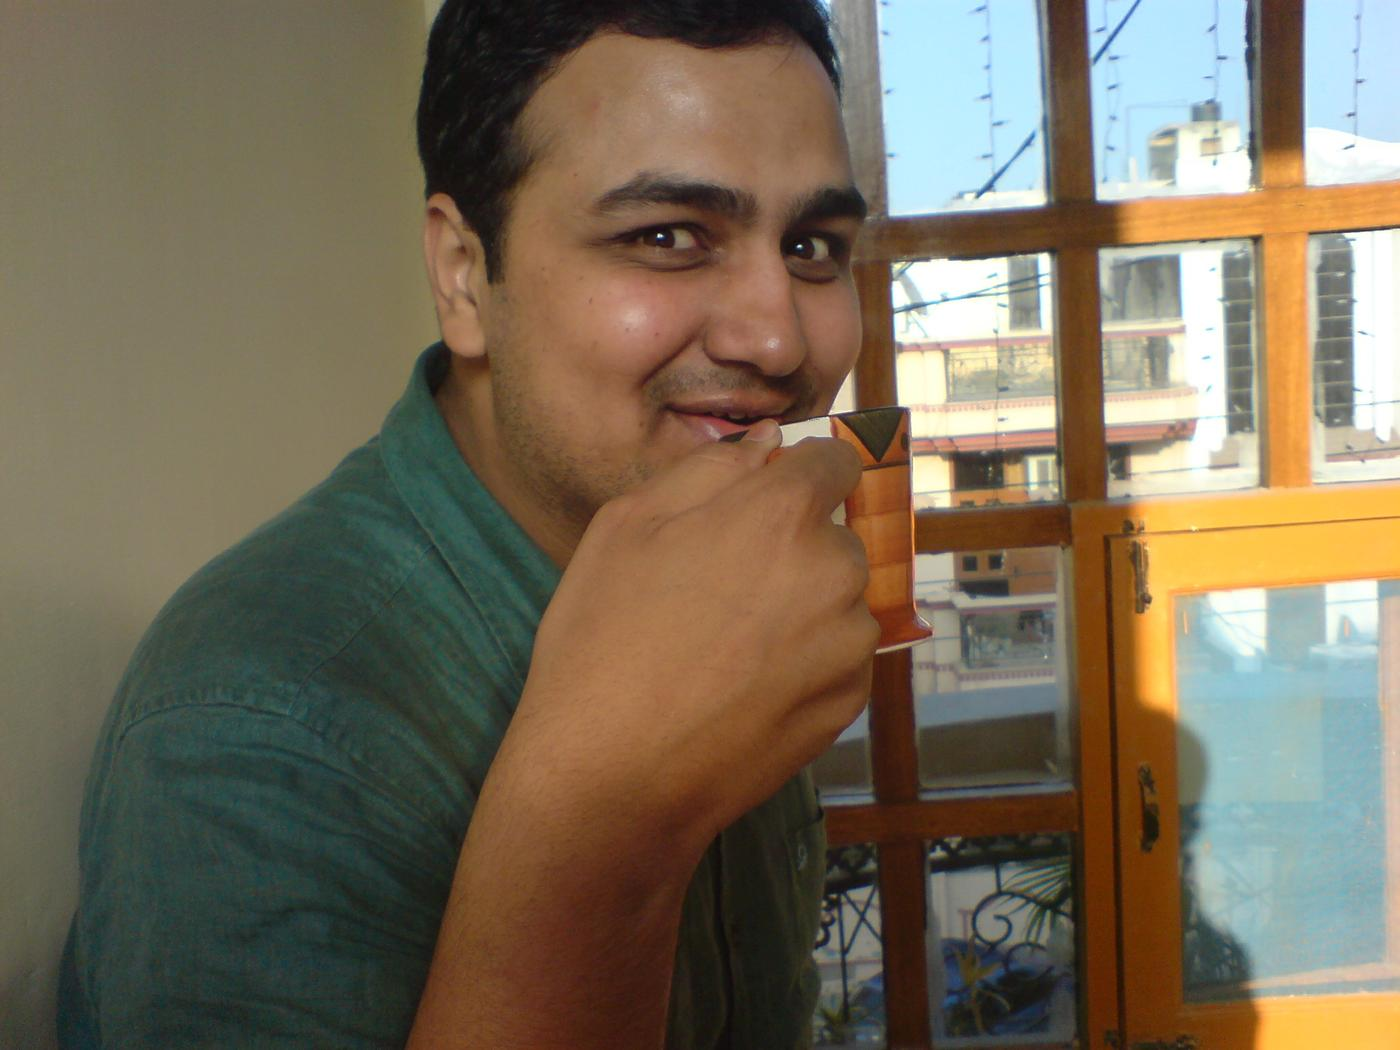 Samir Mishra